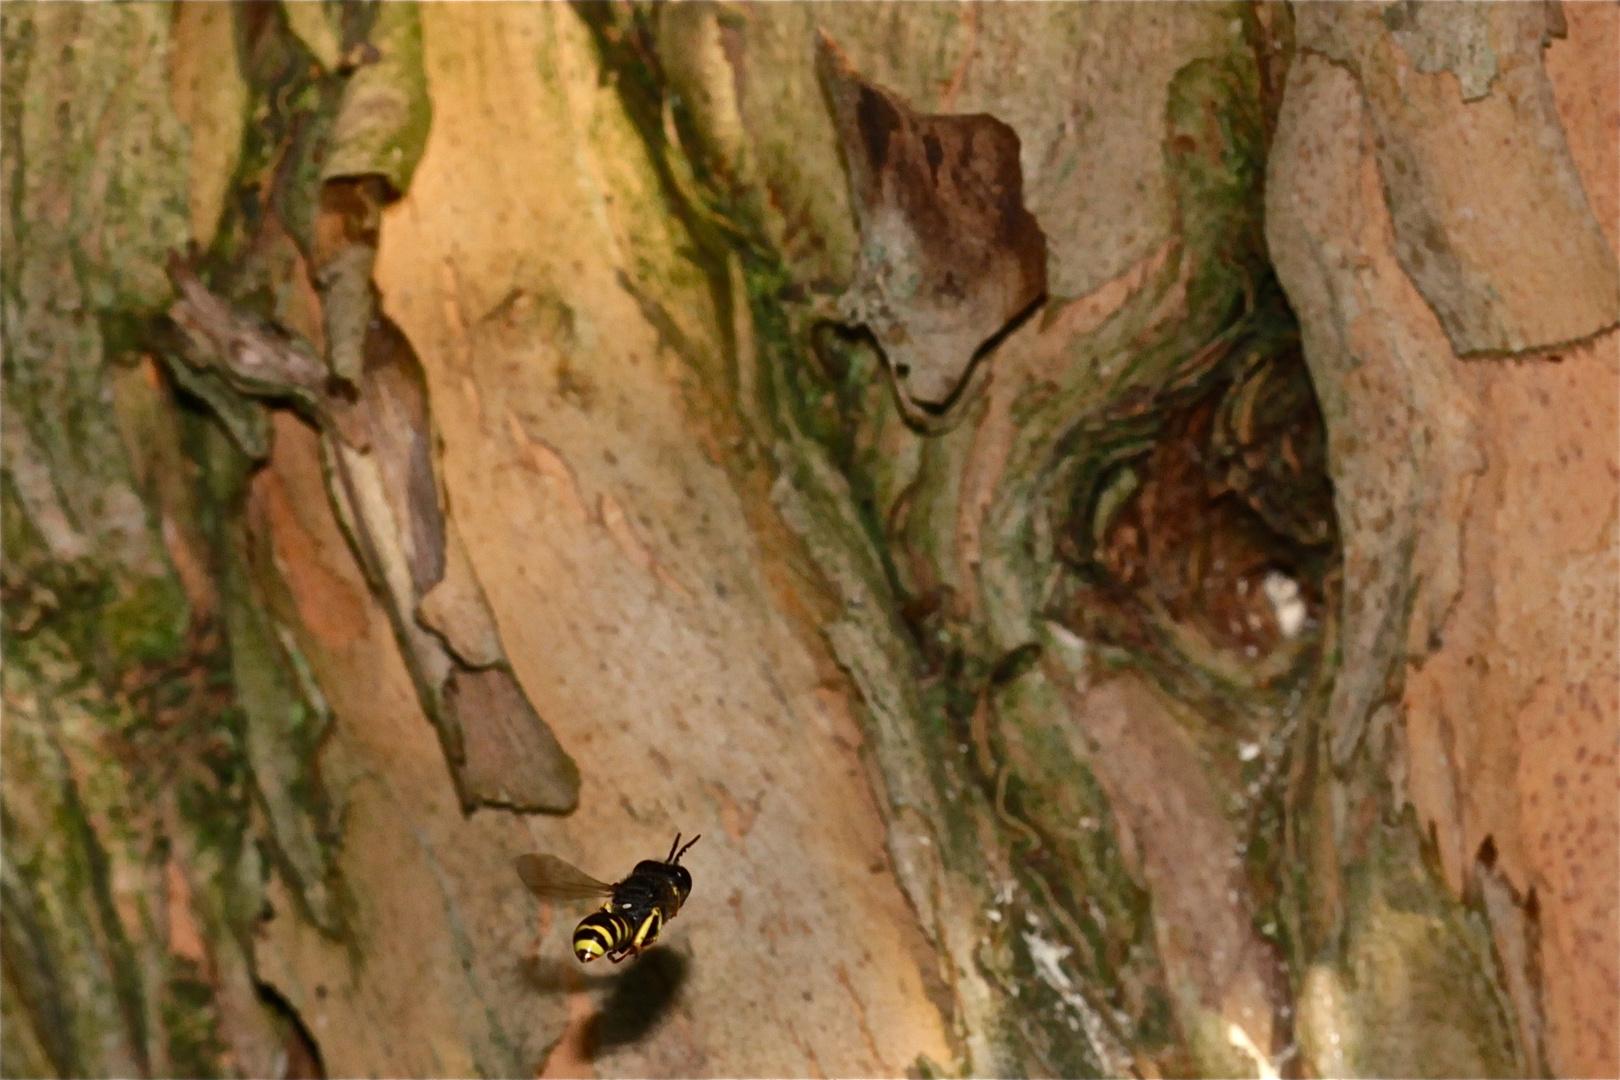 3 -- Die Grabwespe Ectemnius lapidarius (hier ein Männchen* im Anflug auf das Nest)